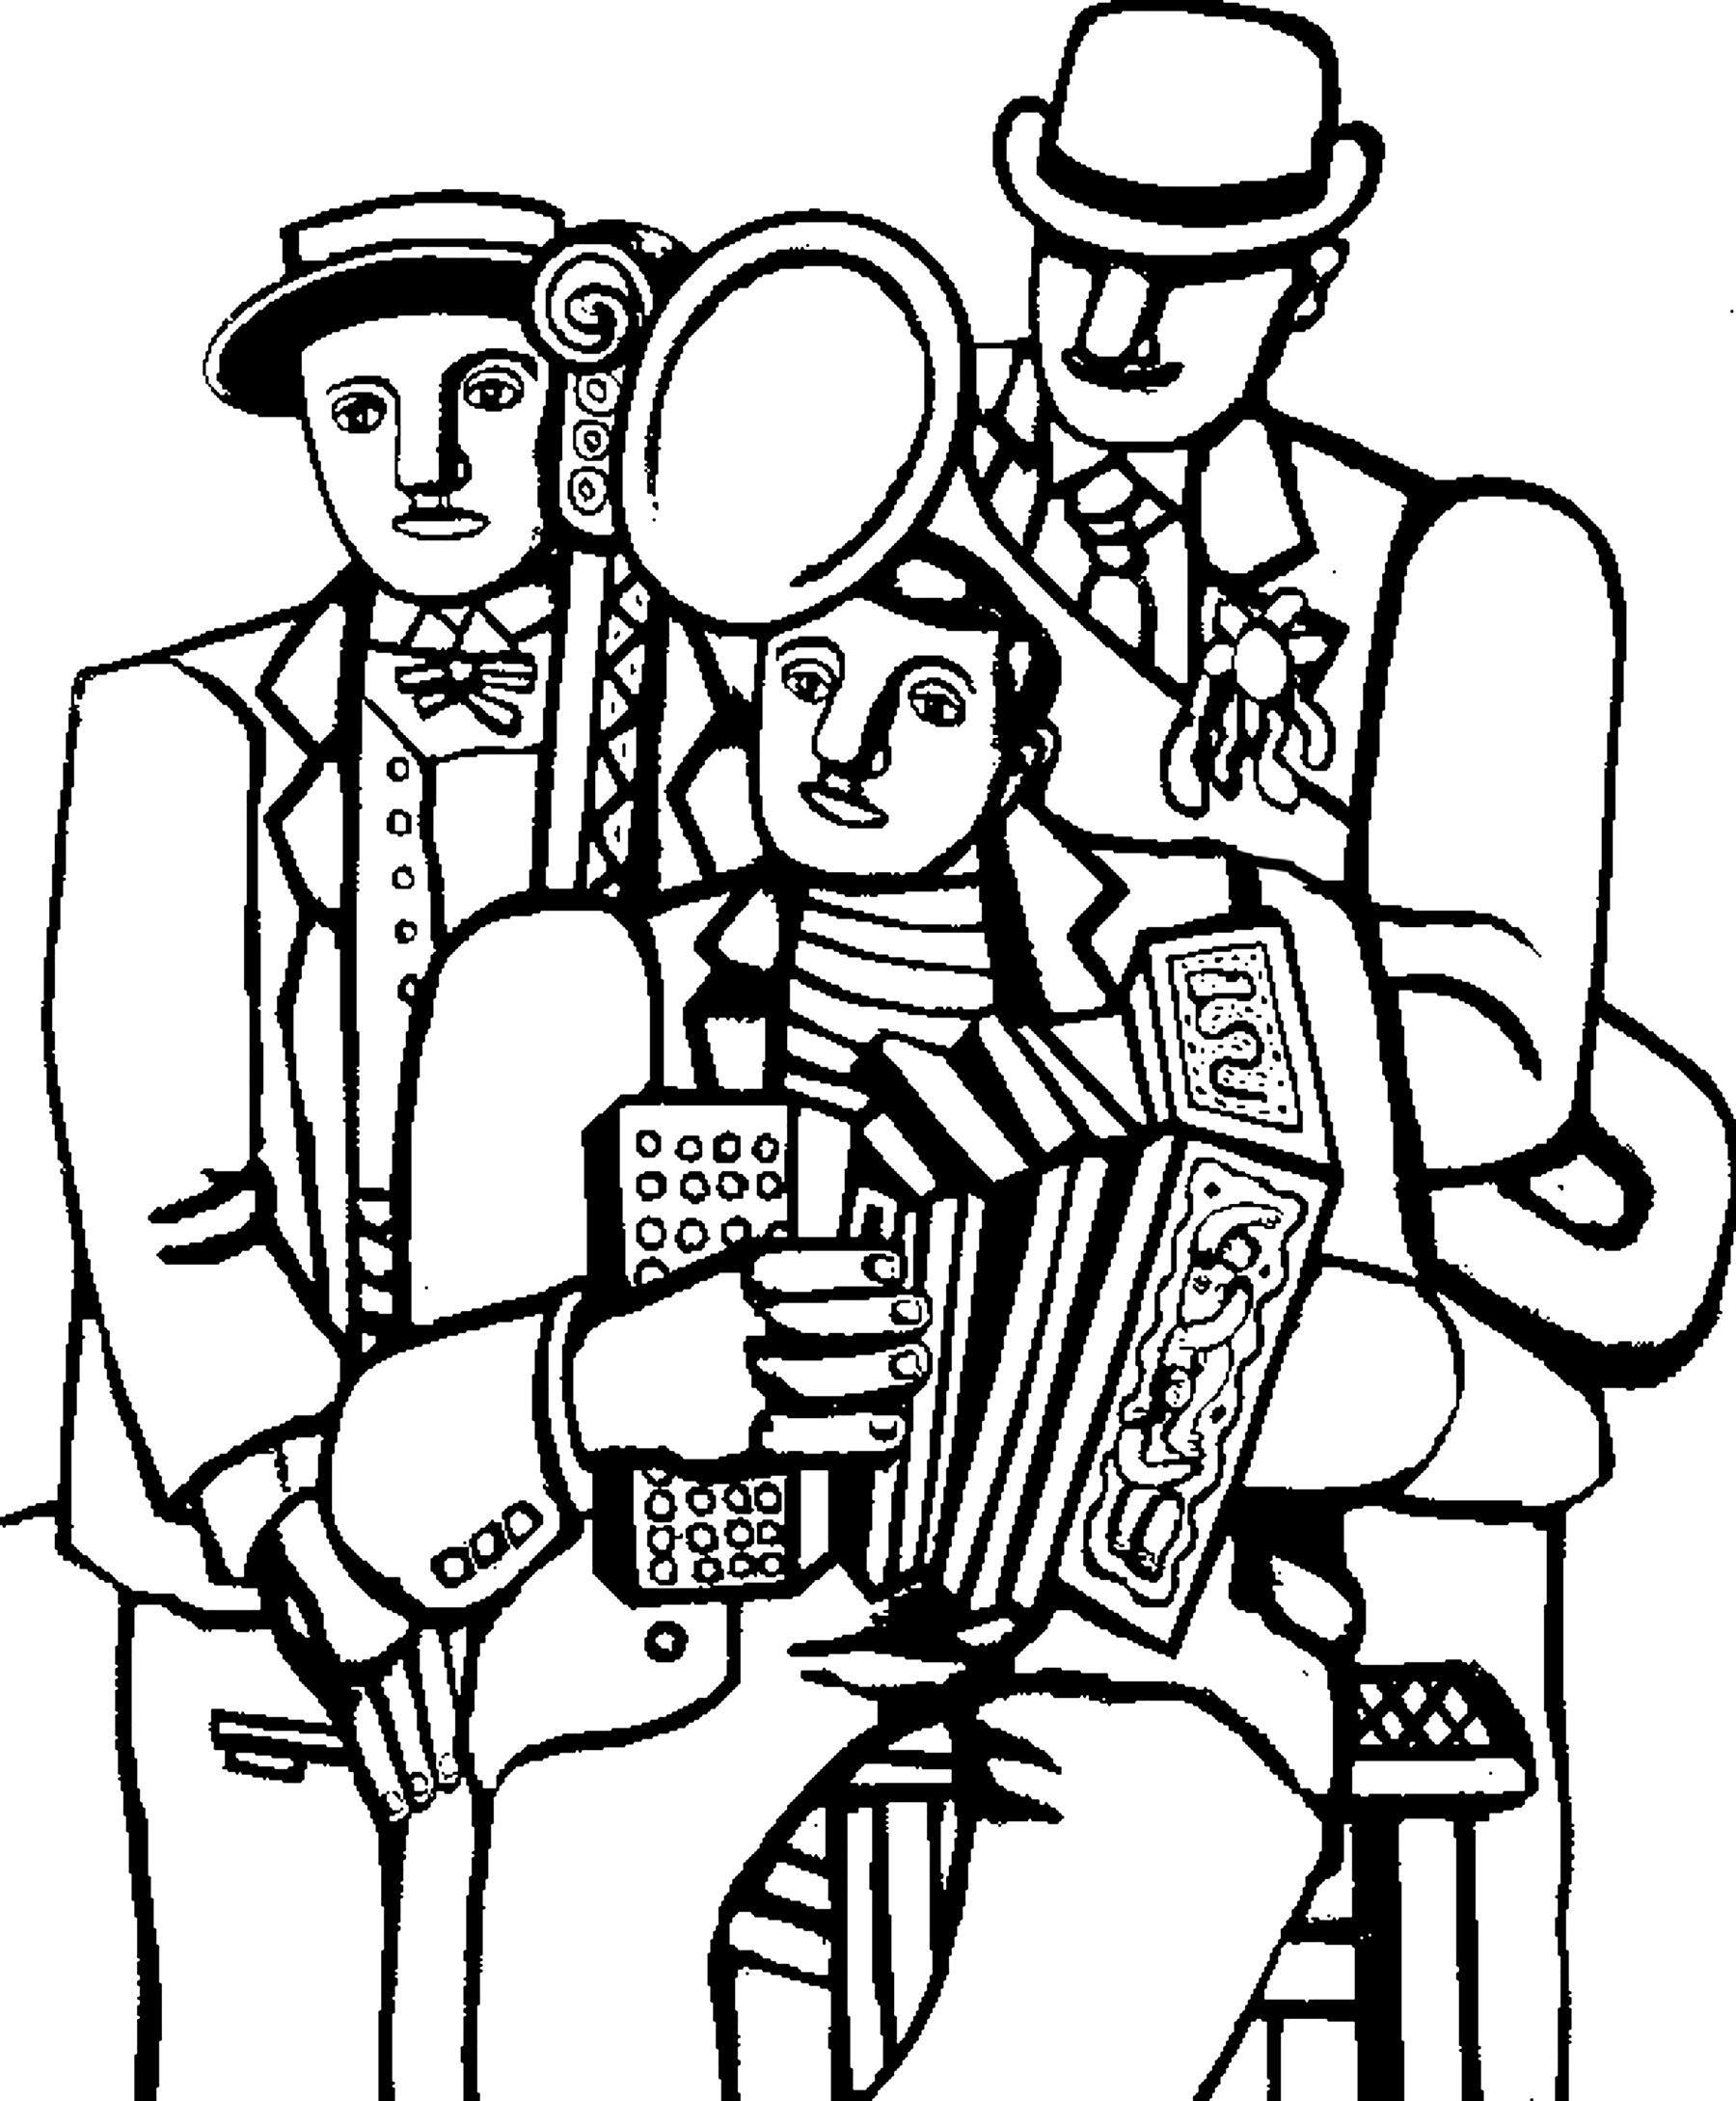 coloriage adulte fernand leger les trois musiciens a partir de la